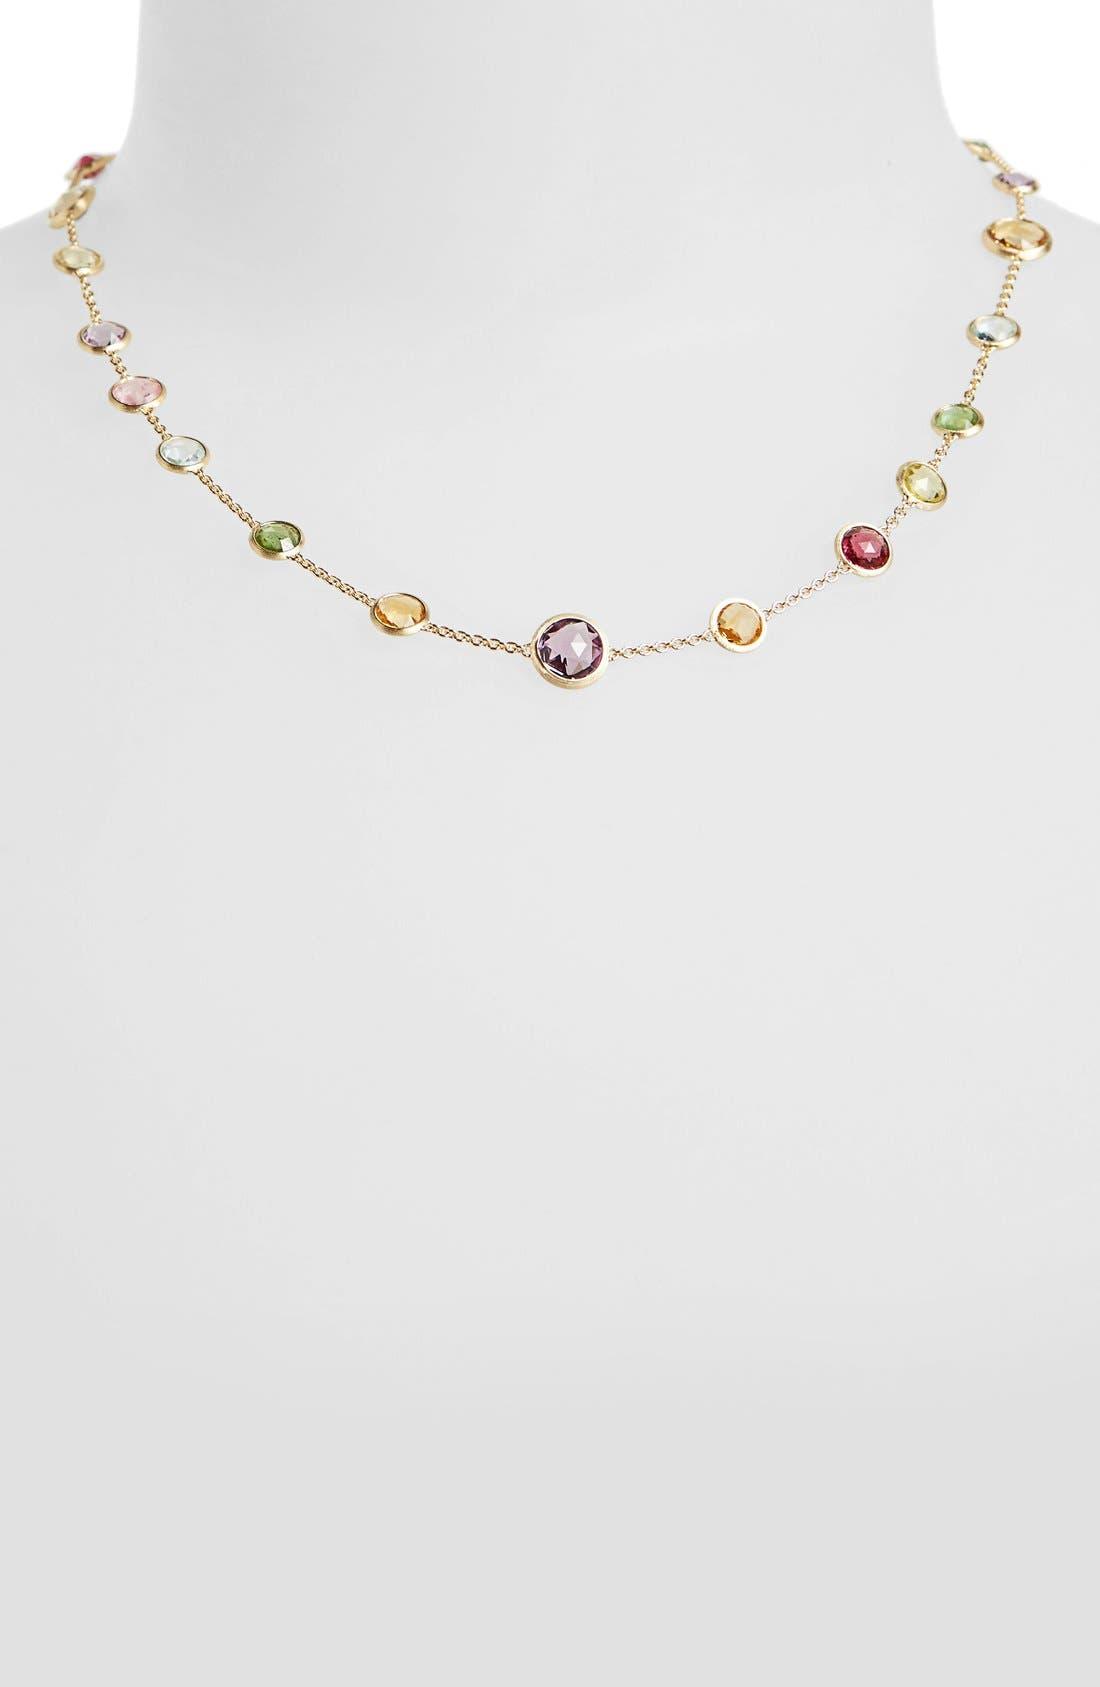 Main Image - Marco Bicego 'Mini Jaipur' Station Necklace